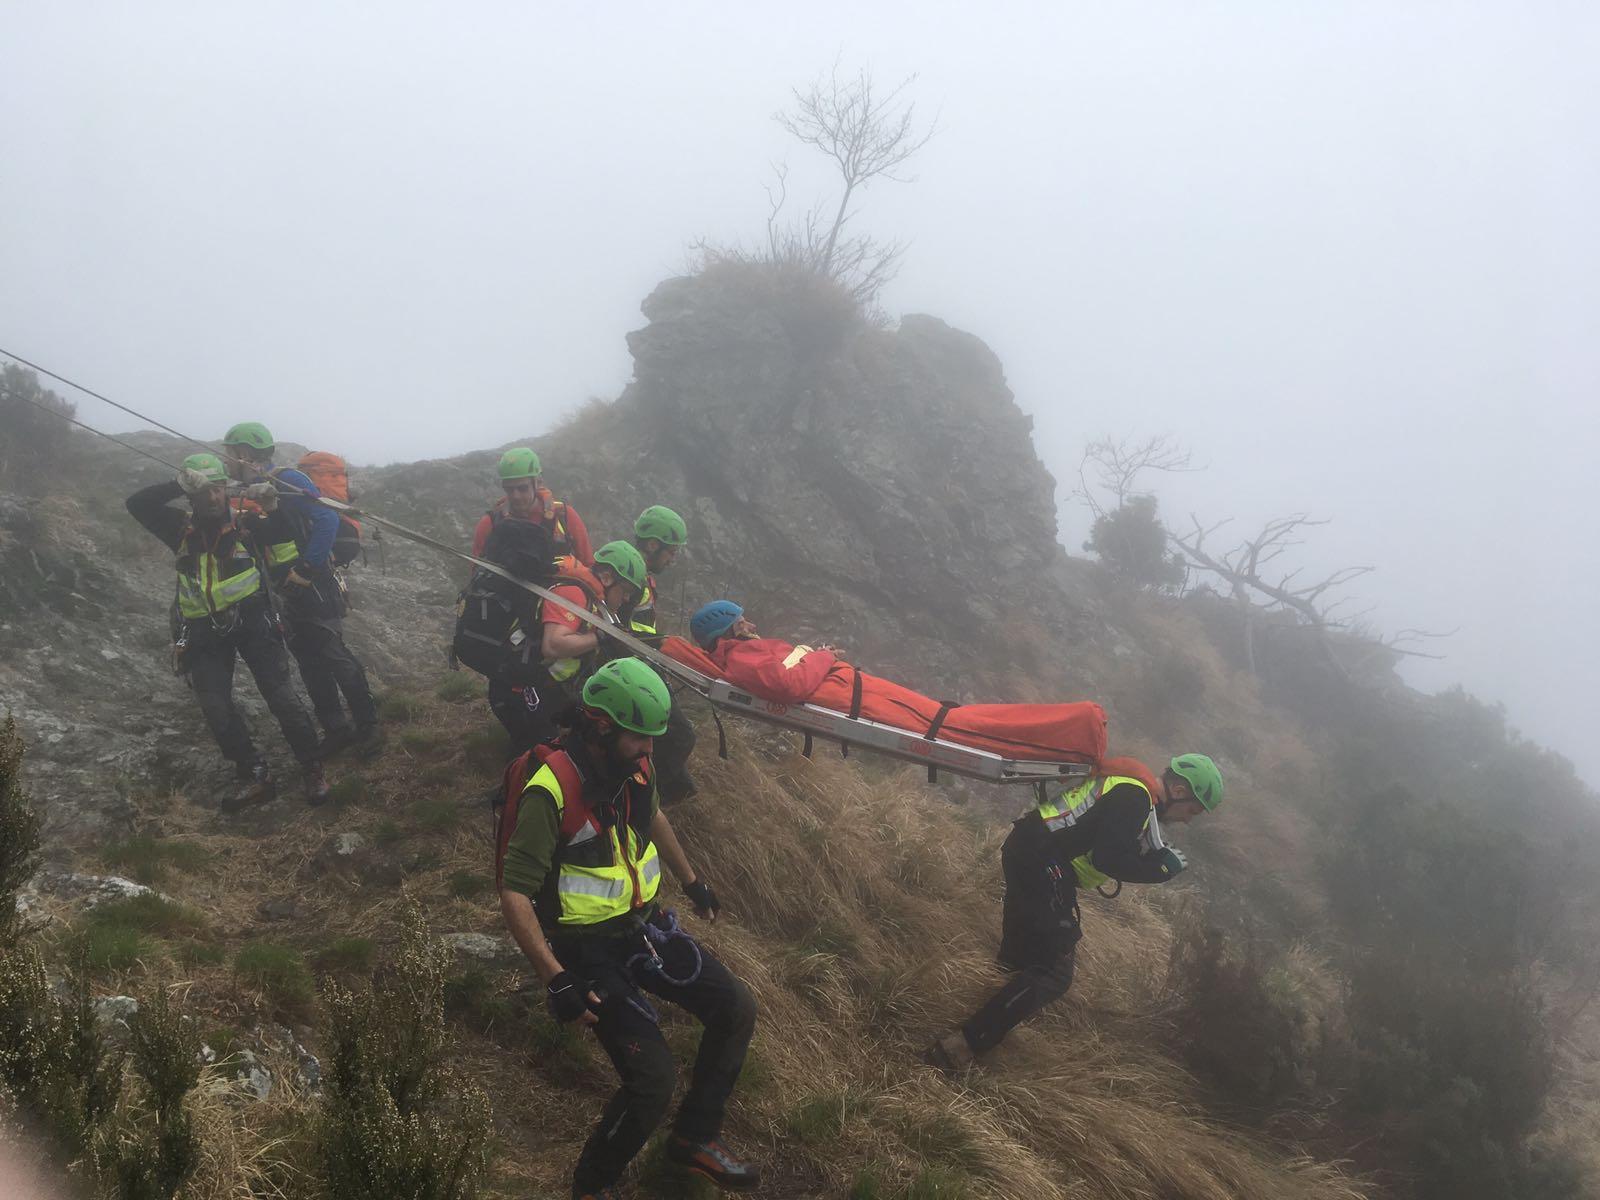 Intervento della Stazione di Massa per recupero ferito, località Passo degli Uncini (Massa)